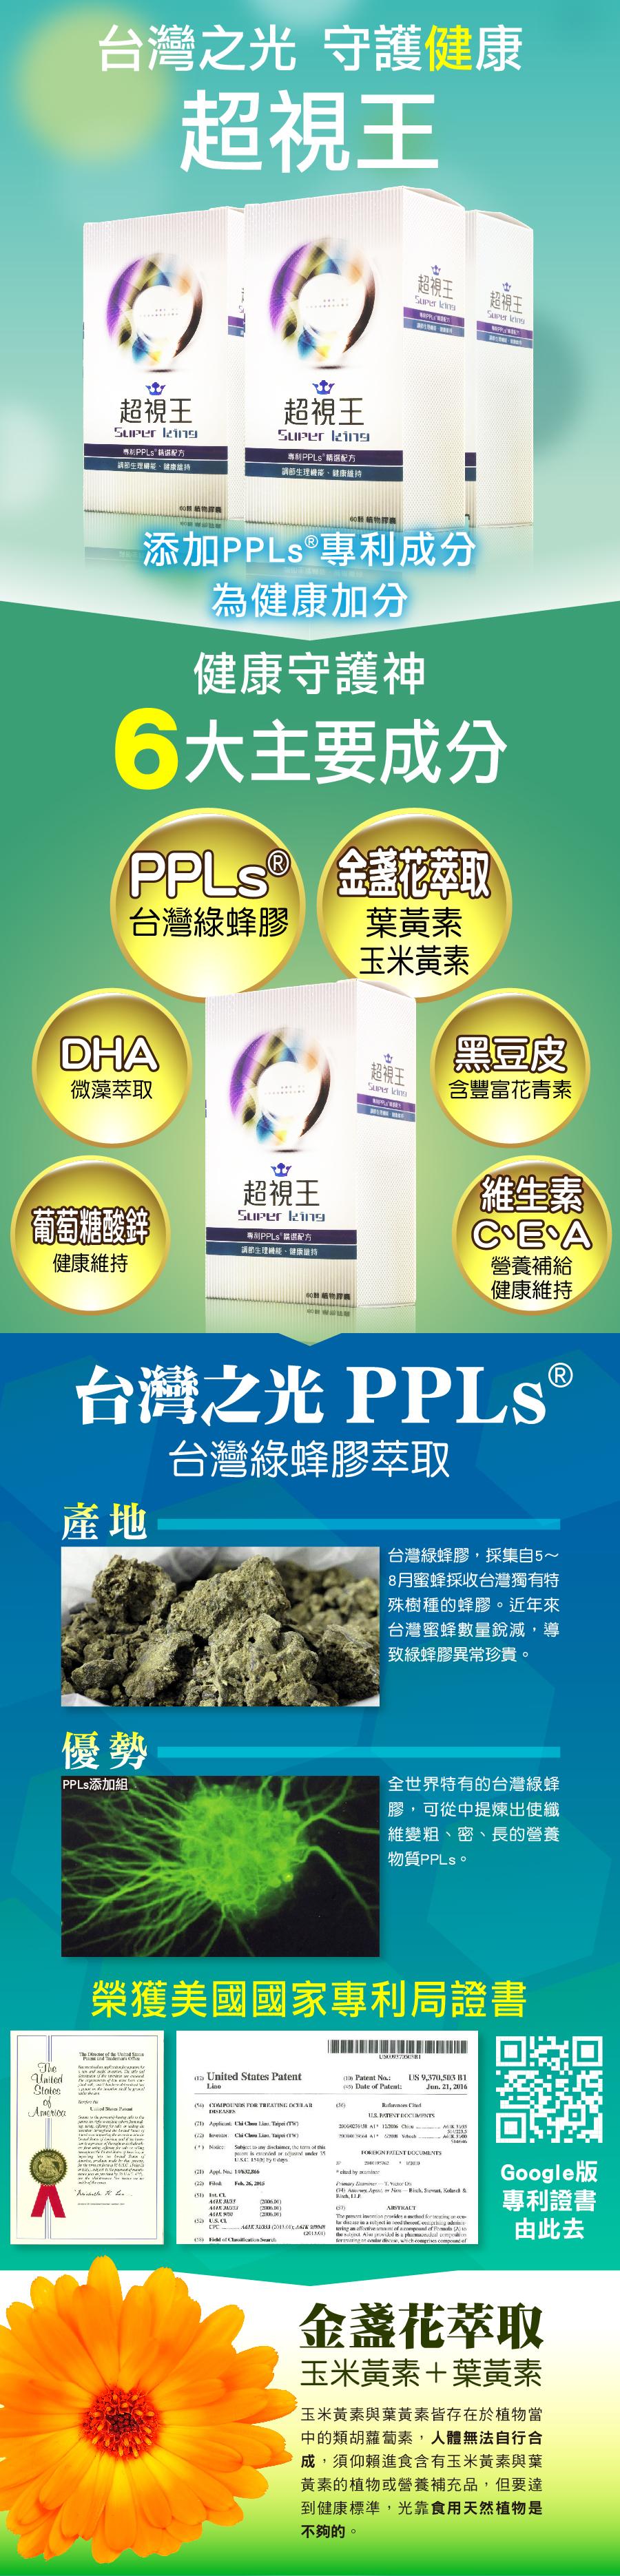 PPLs®超視王